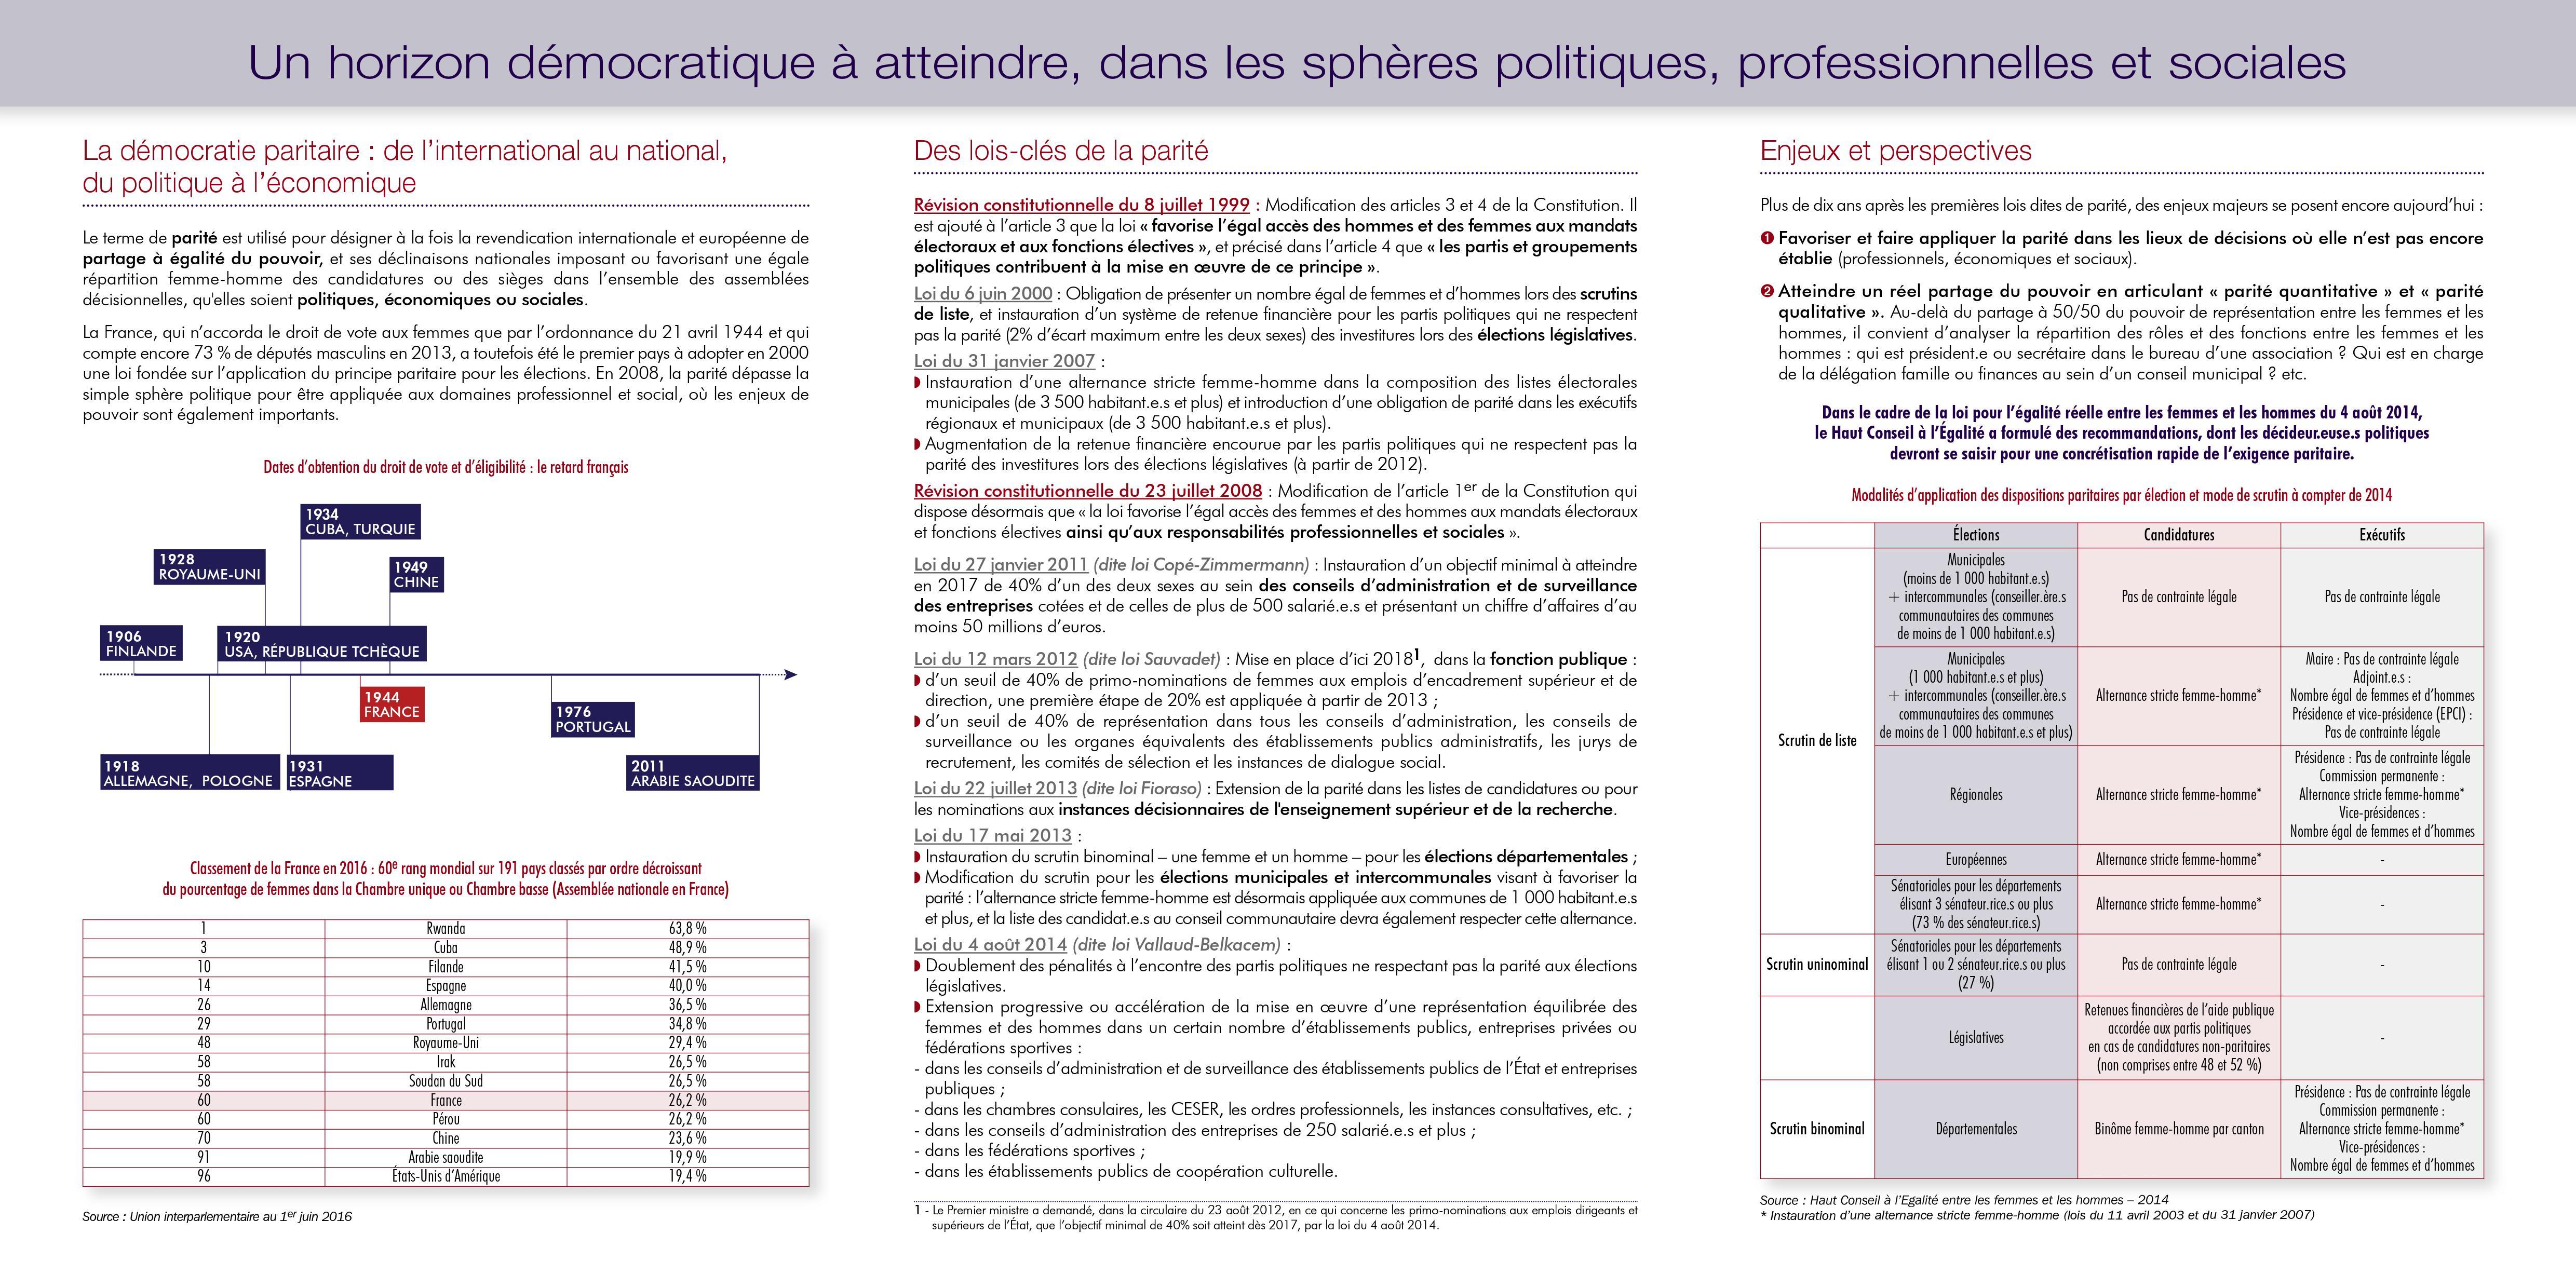 Guide_de_la_parite_2_AFV